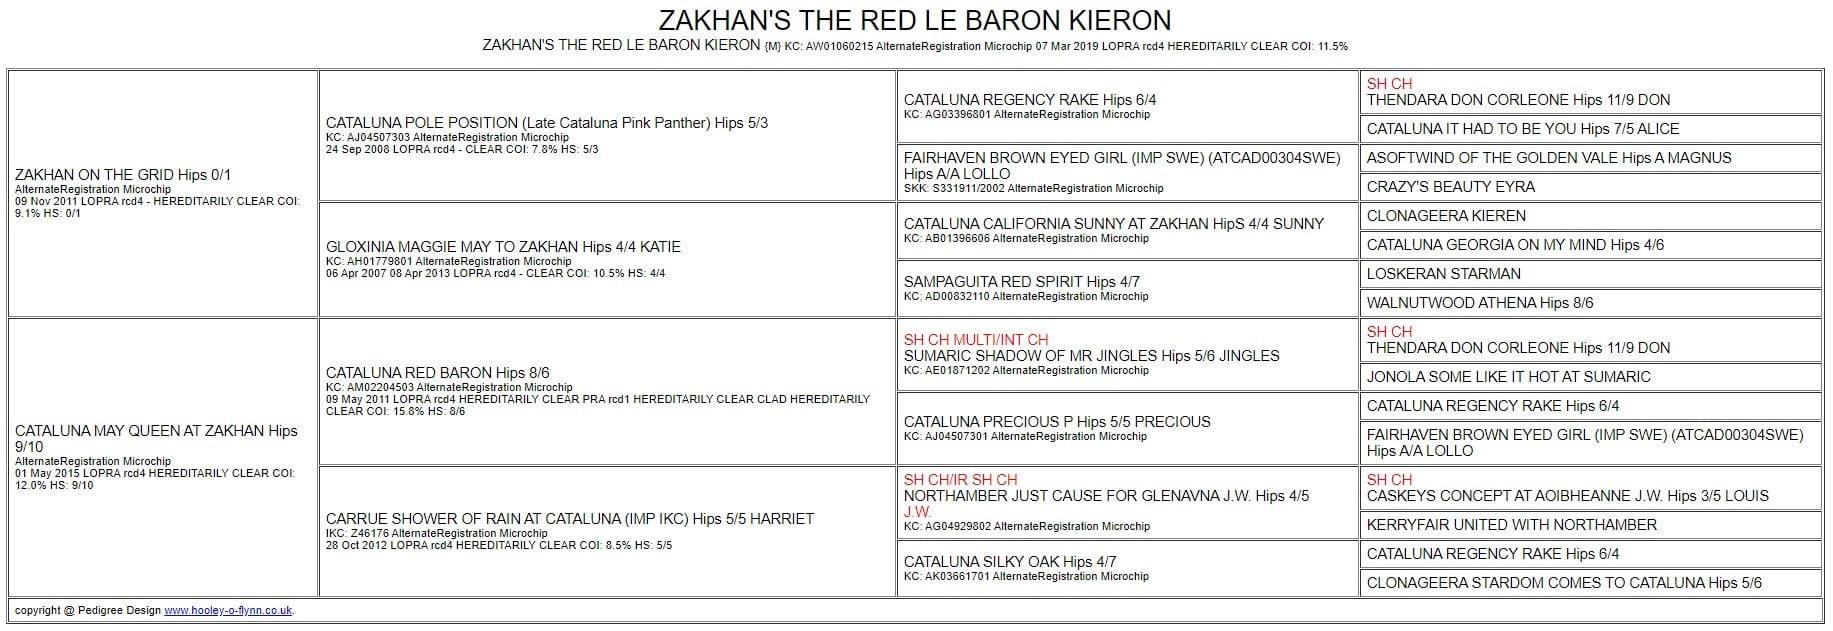 PEDIGREE: KIEREN - ZAKHAN THE RED LE BARON